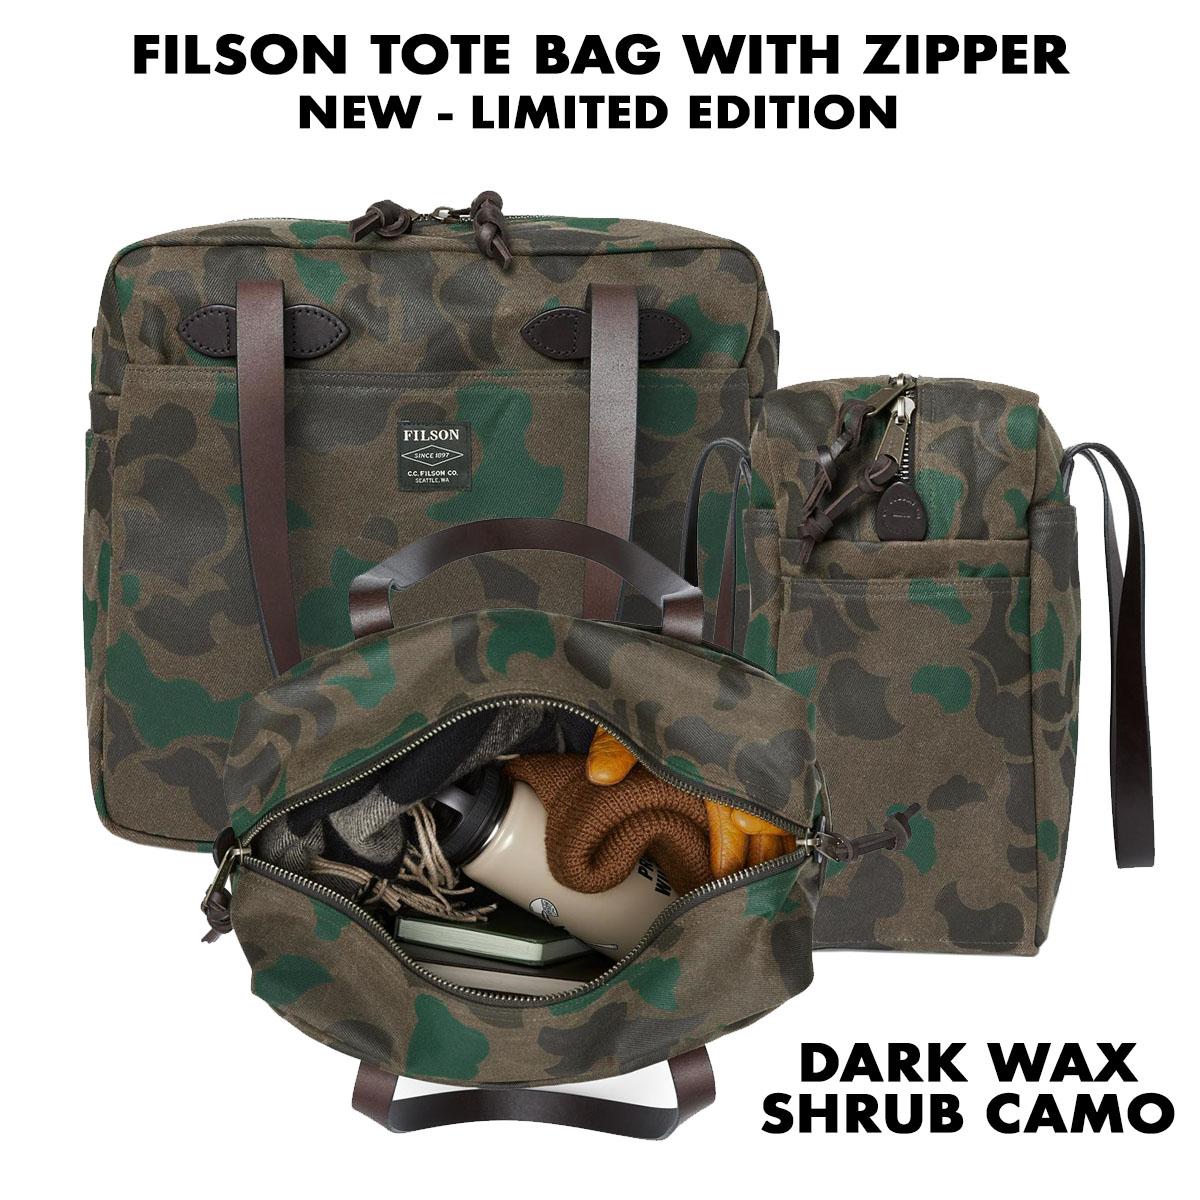 Filson Waxed Tote Bag with Zipper Dark Wax Shrub Camo, legendarische Tote Bag, handig voor shoppen